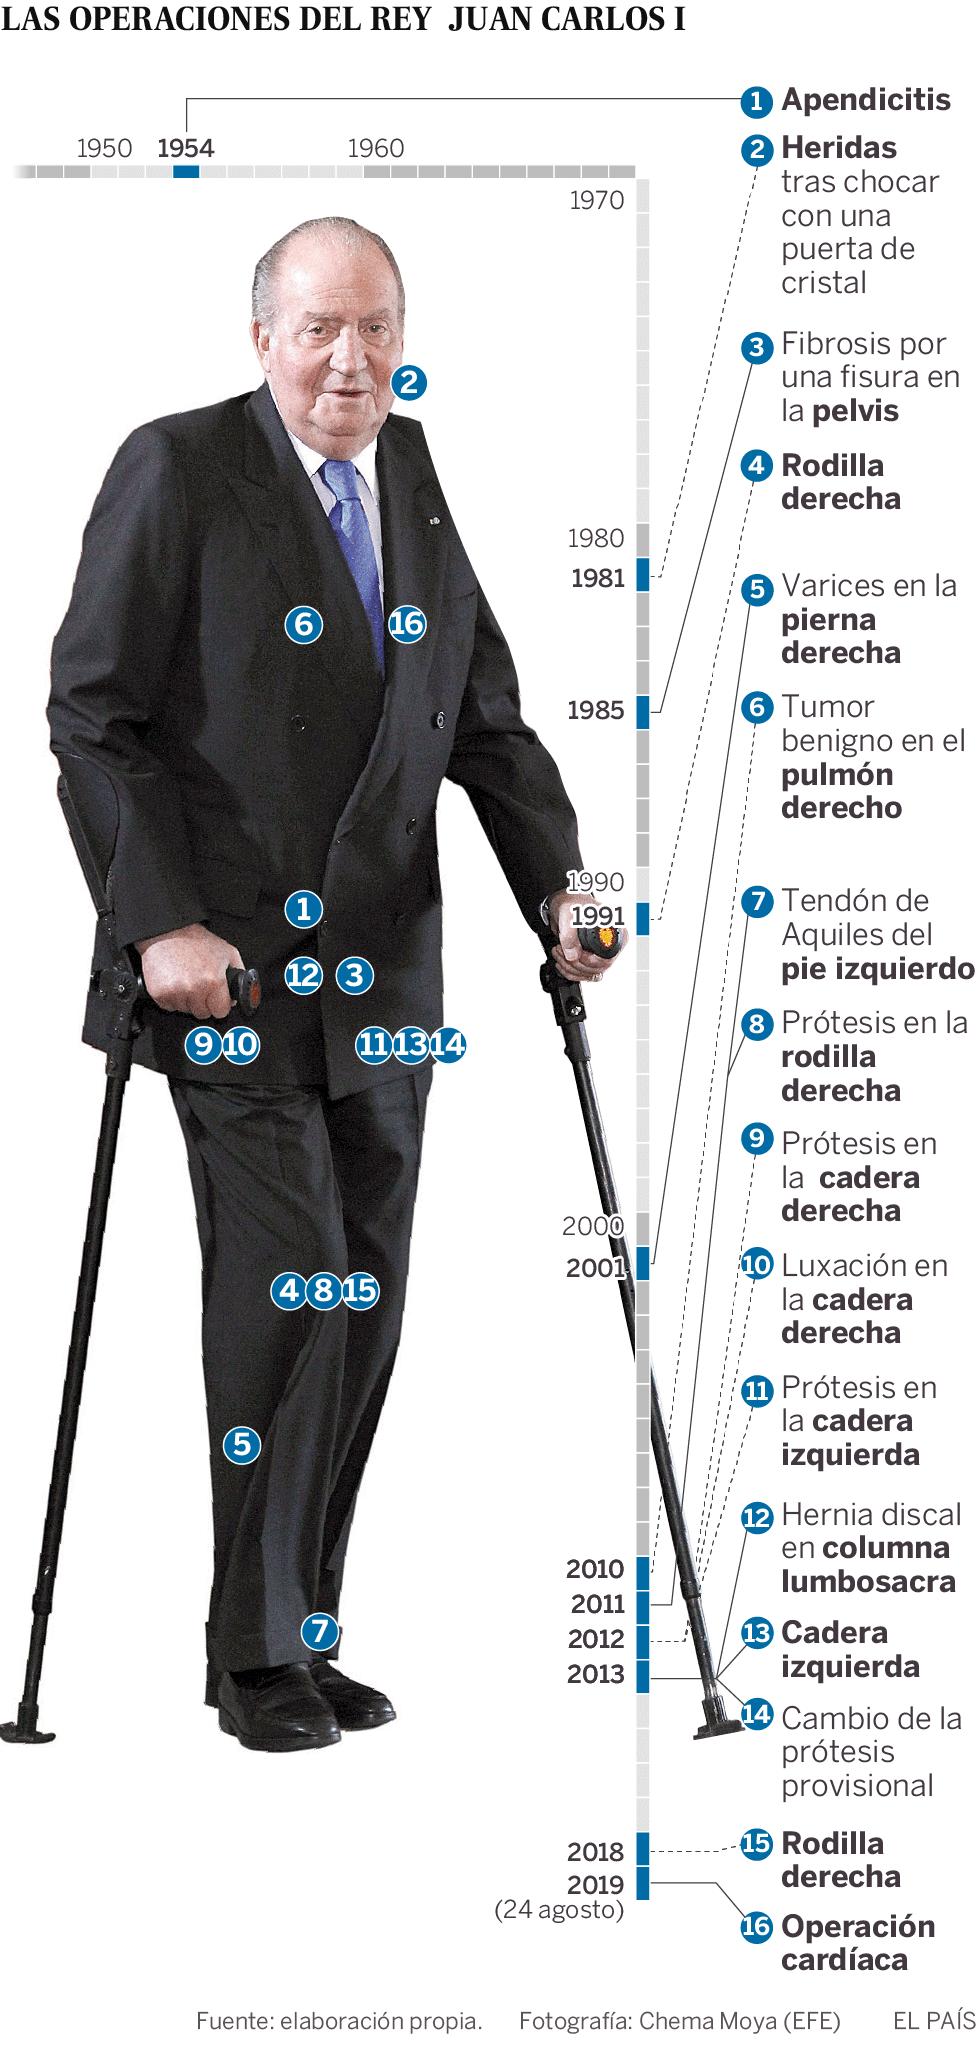 El rey Juan Carlos pasará por quirófano para ser operado del corazón